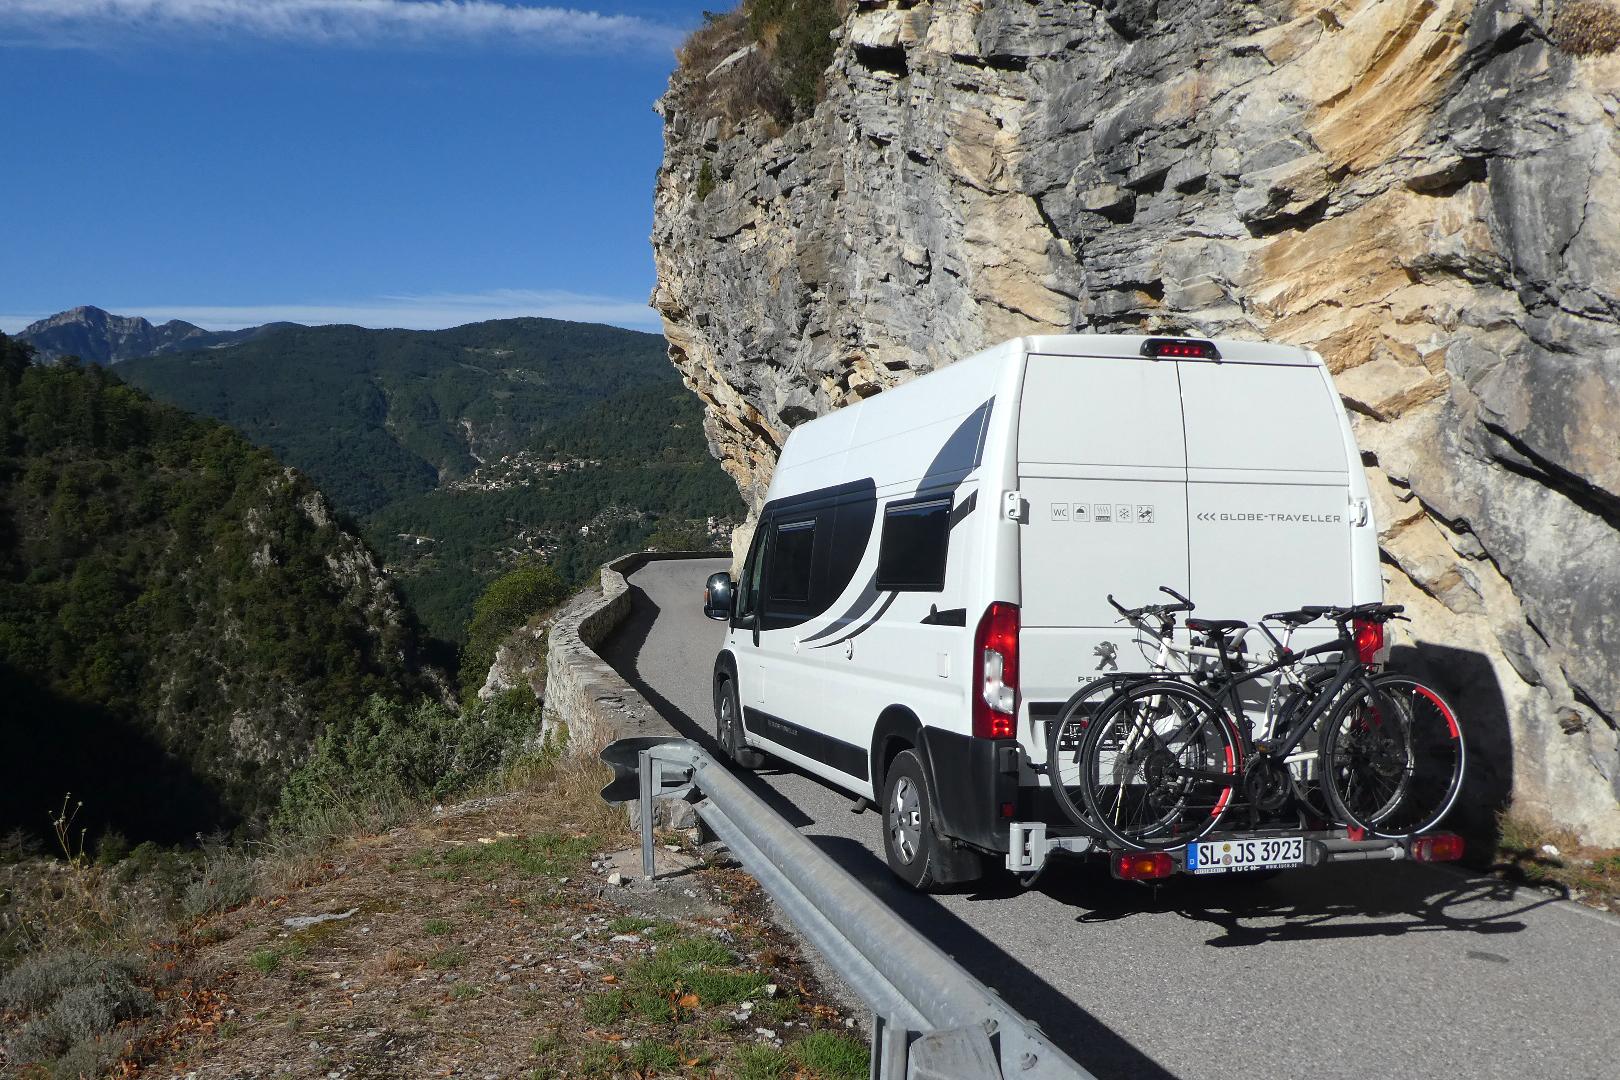 kørsel med autocamper i Nationalparken Mercantour